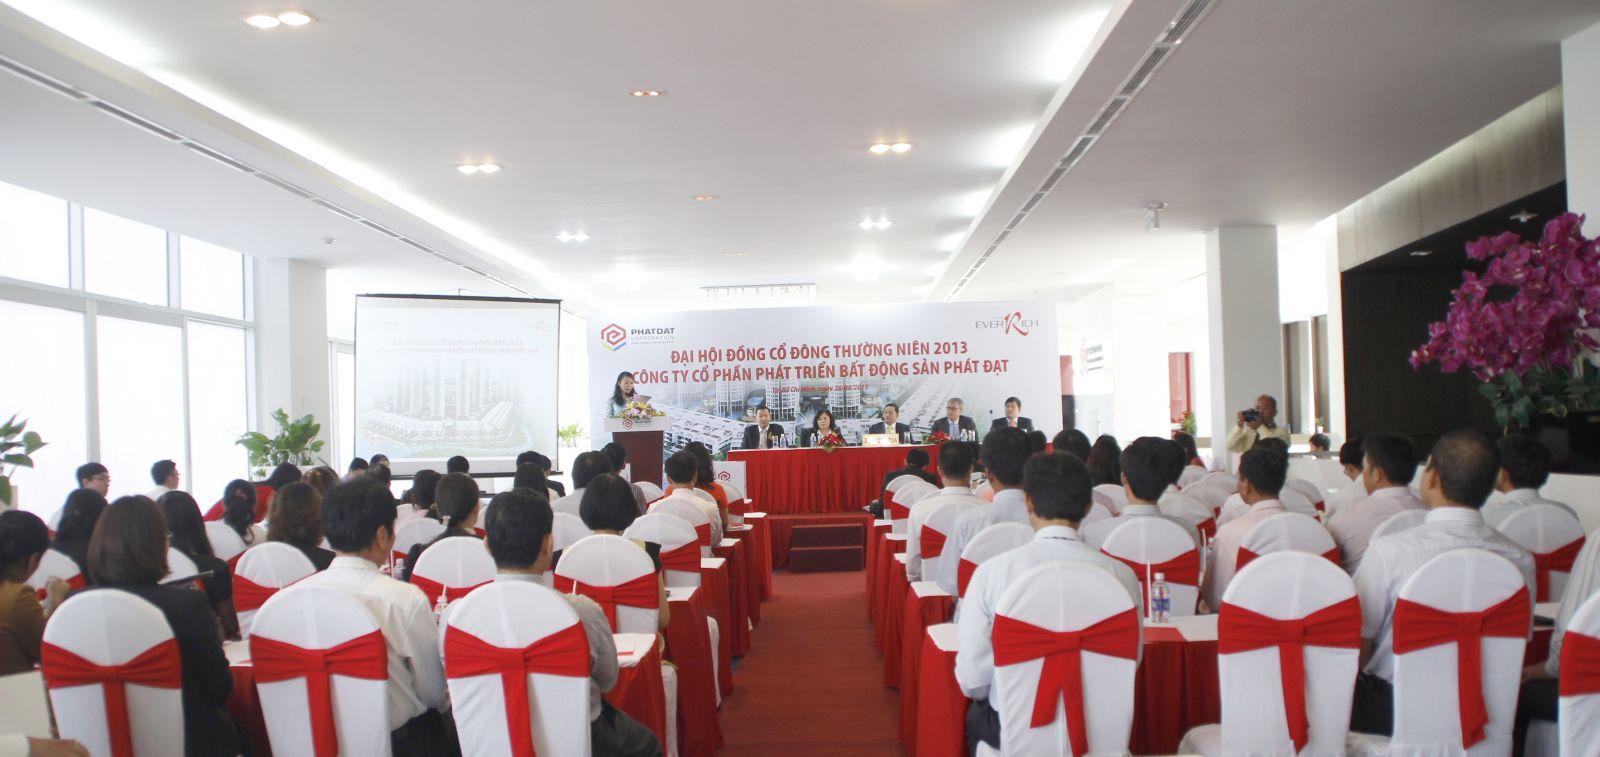 Cung cấp thiết bị - nhân sự tổ chức sự kiện Đại hội đồng cổ đông thường niên 2013 - Công ty CP Phát triển Bất động sản Phát Đạt - 01